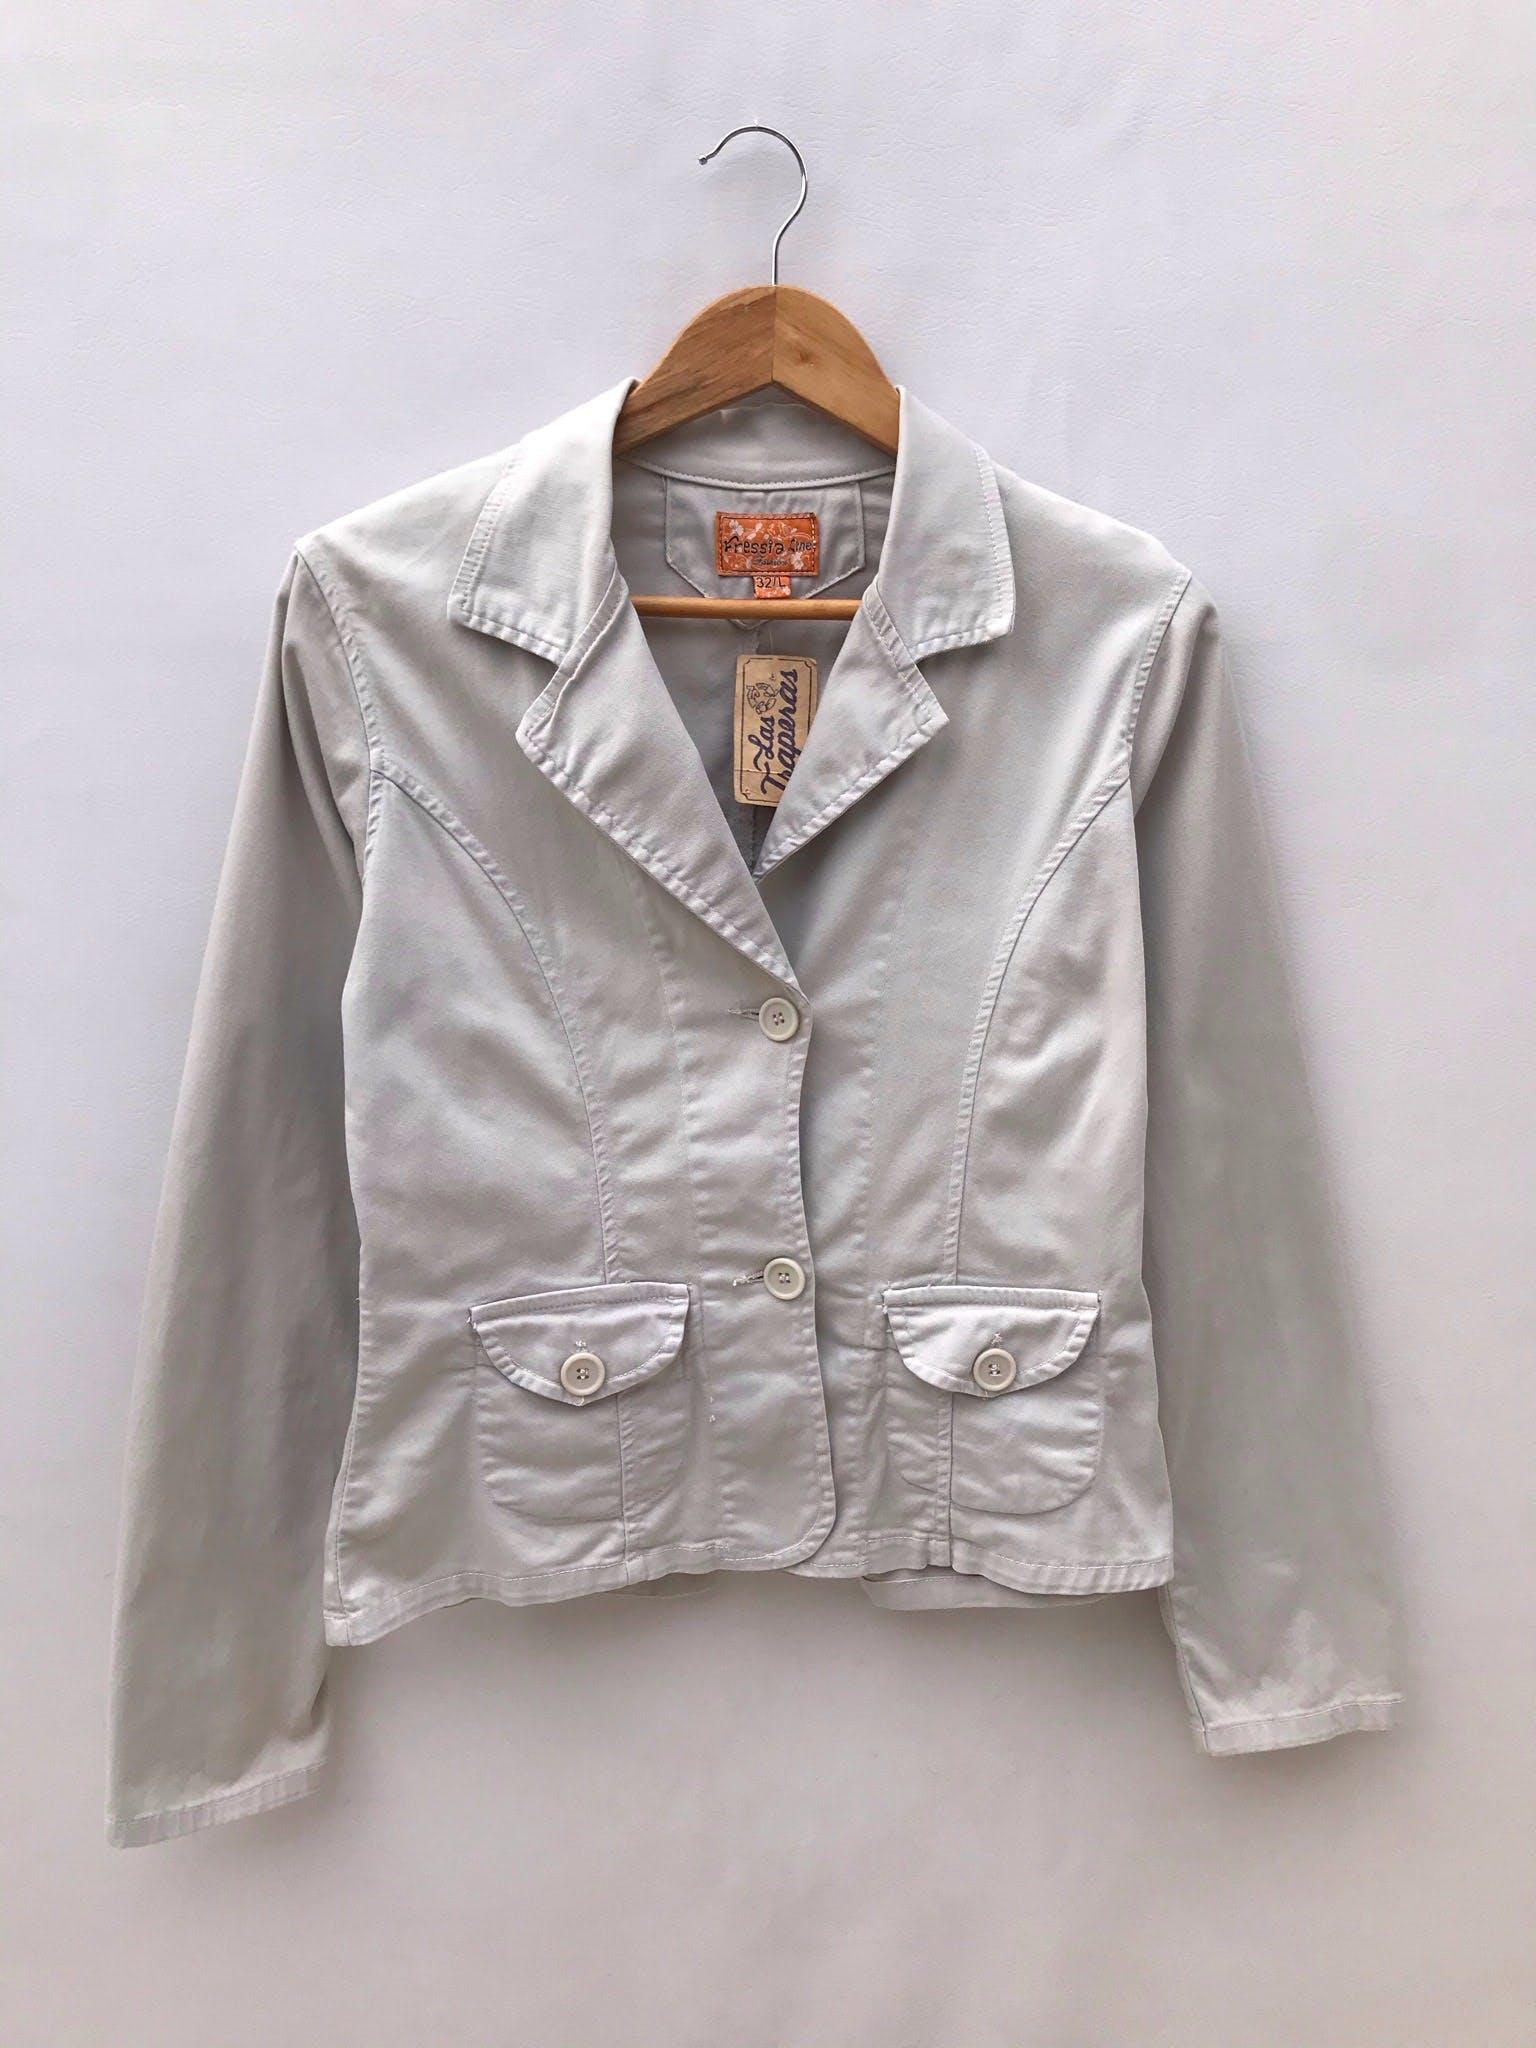 Casaca beige de drill con solapa, bolsillos, manga larga y dos botones, Muy combinable! Talla S